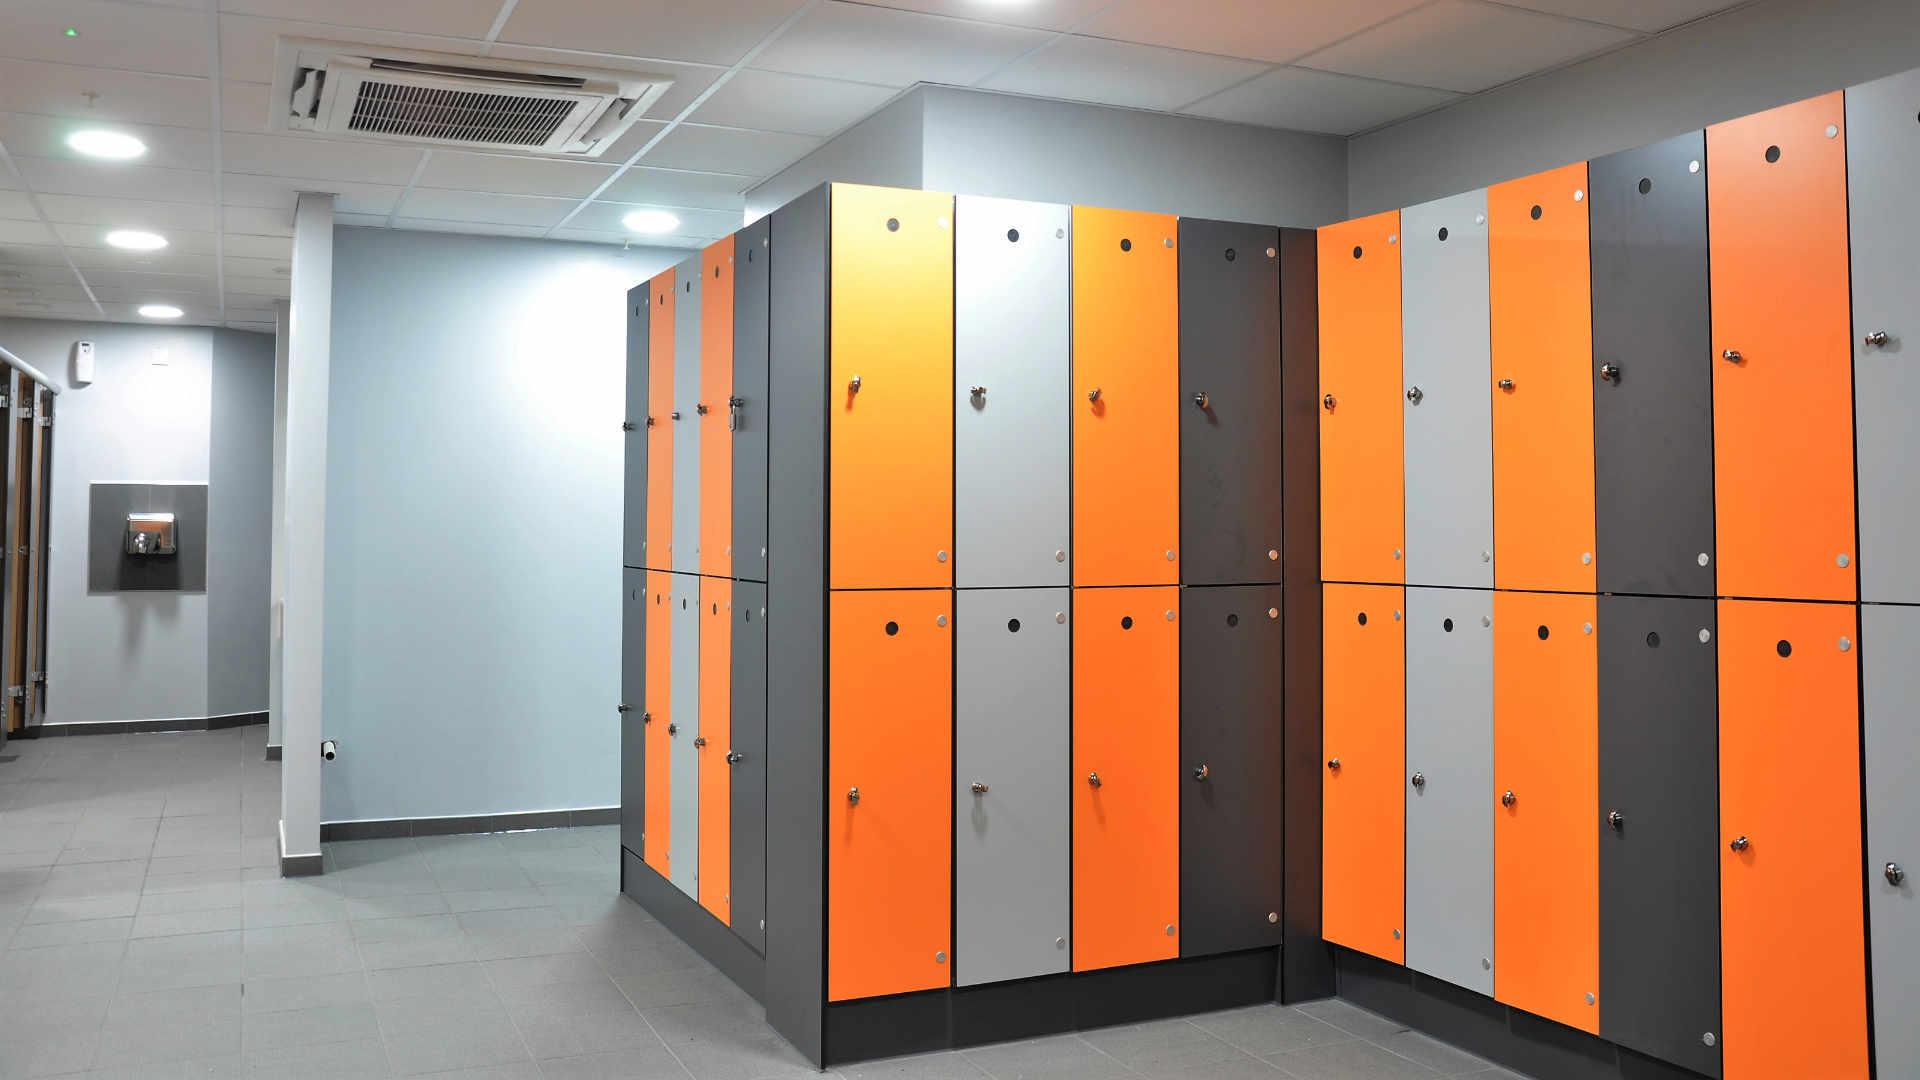 10 Tier Steel Locker Lockers Dublin School Lockers